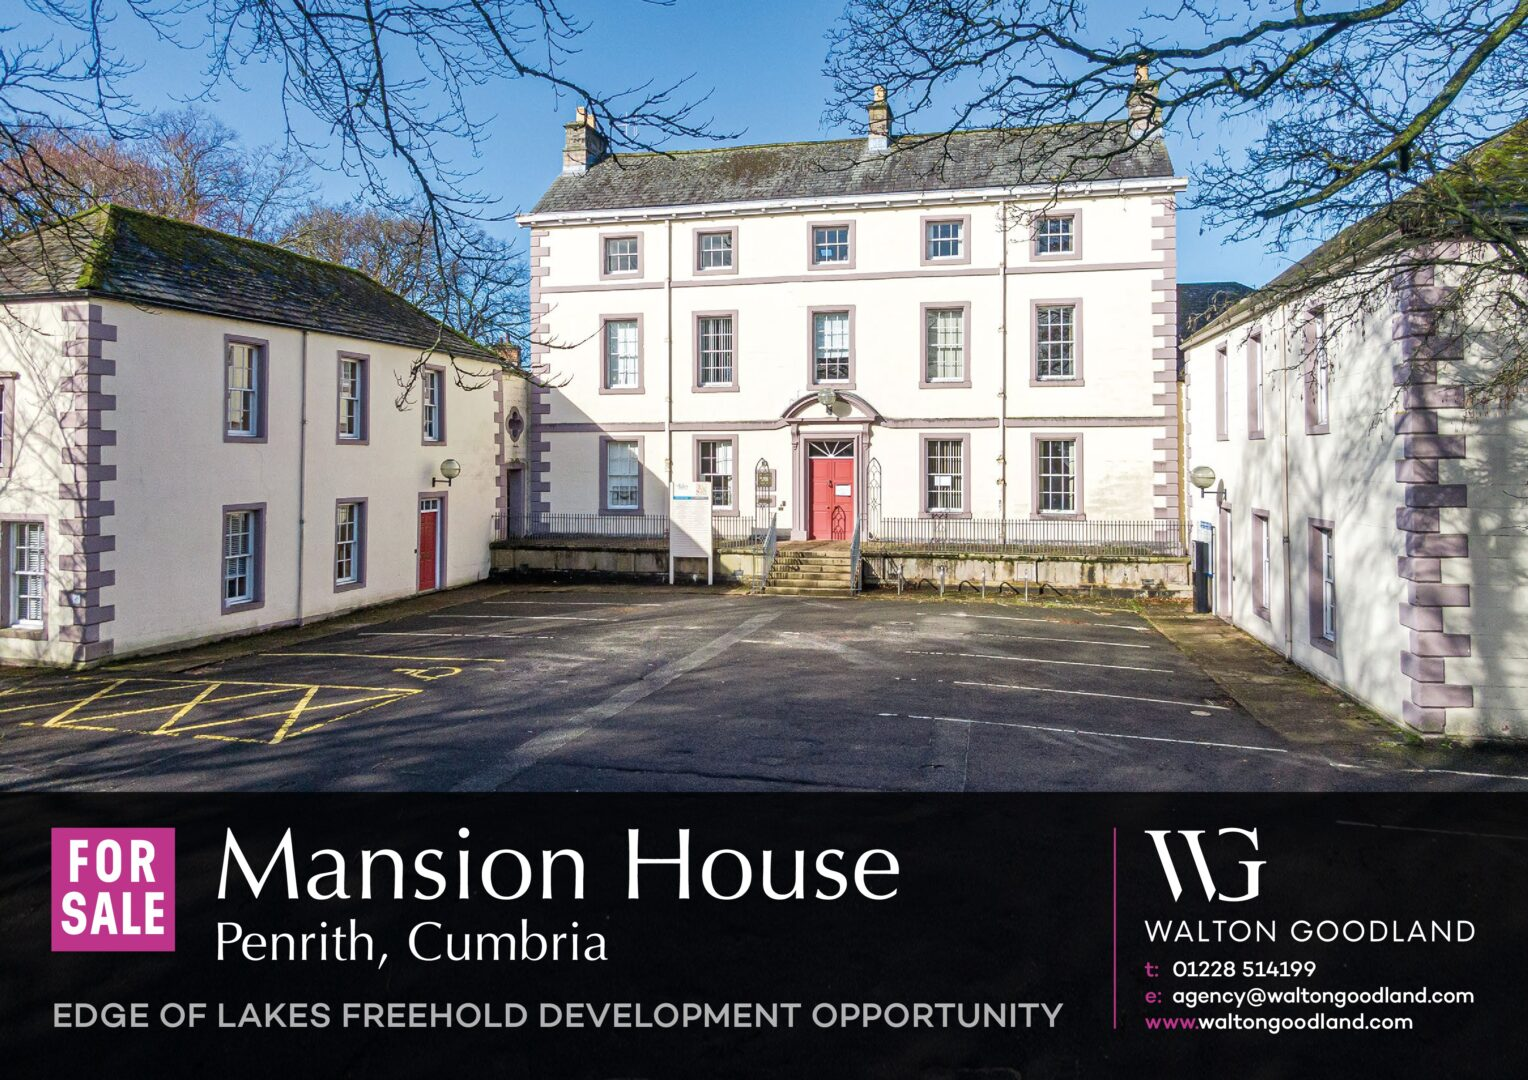 Mansion House, Penrith, Cumbria